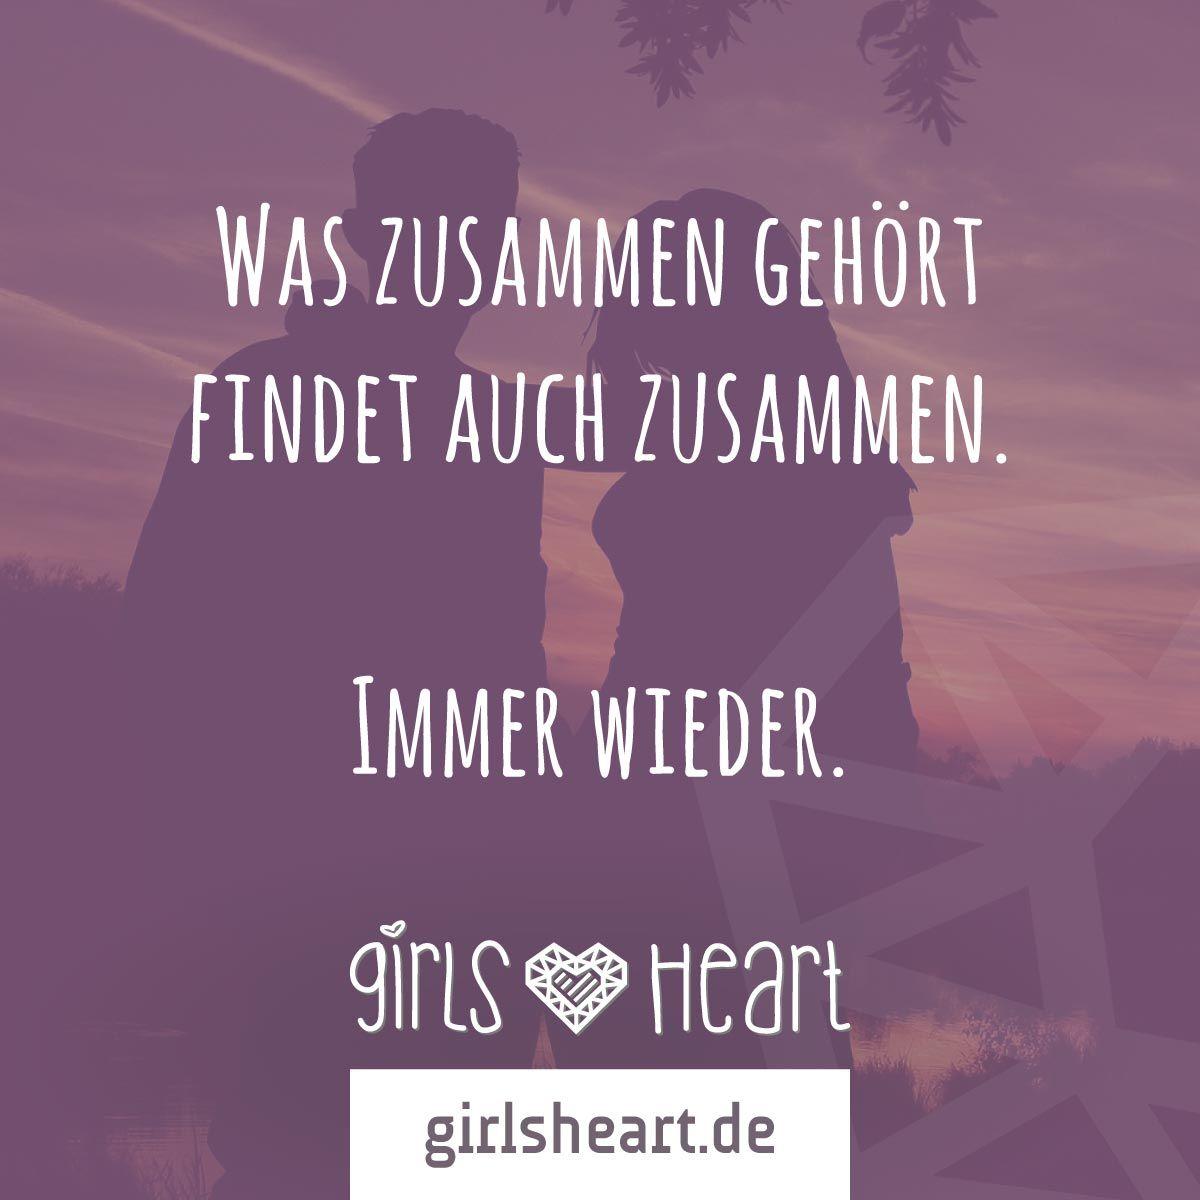 sprüche über trennung und liebe Mehr Sprüche auf: .girlsheart.de #partnerschaft #liebe  sprüche über trennung und liebe